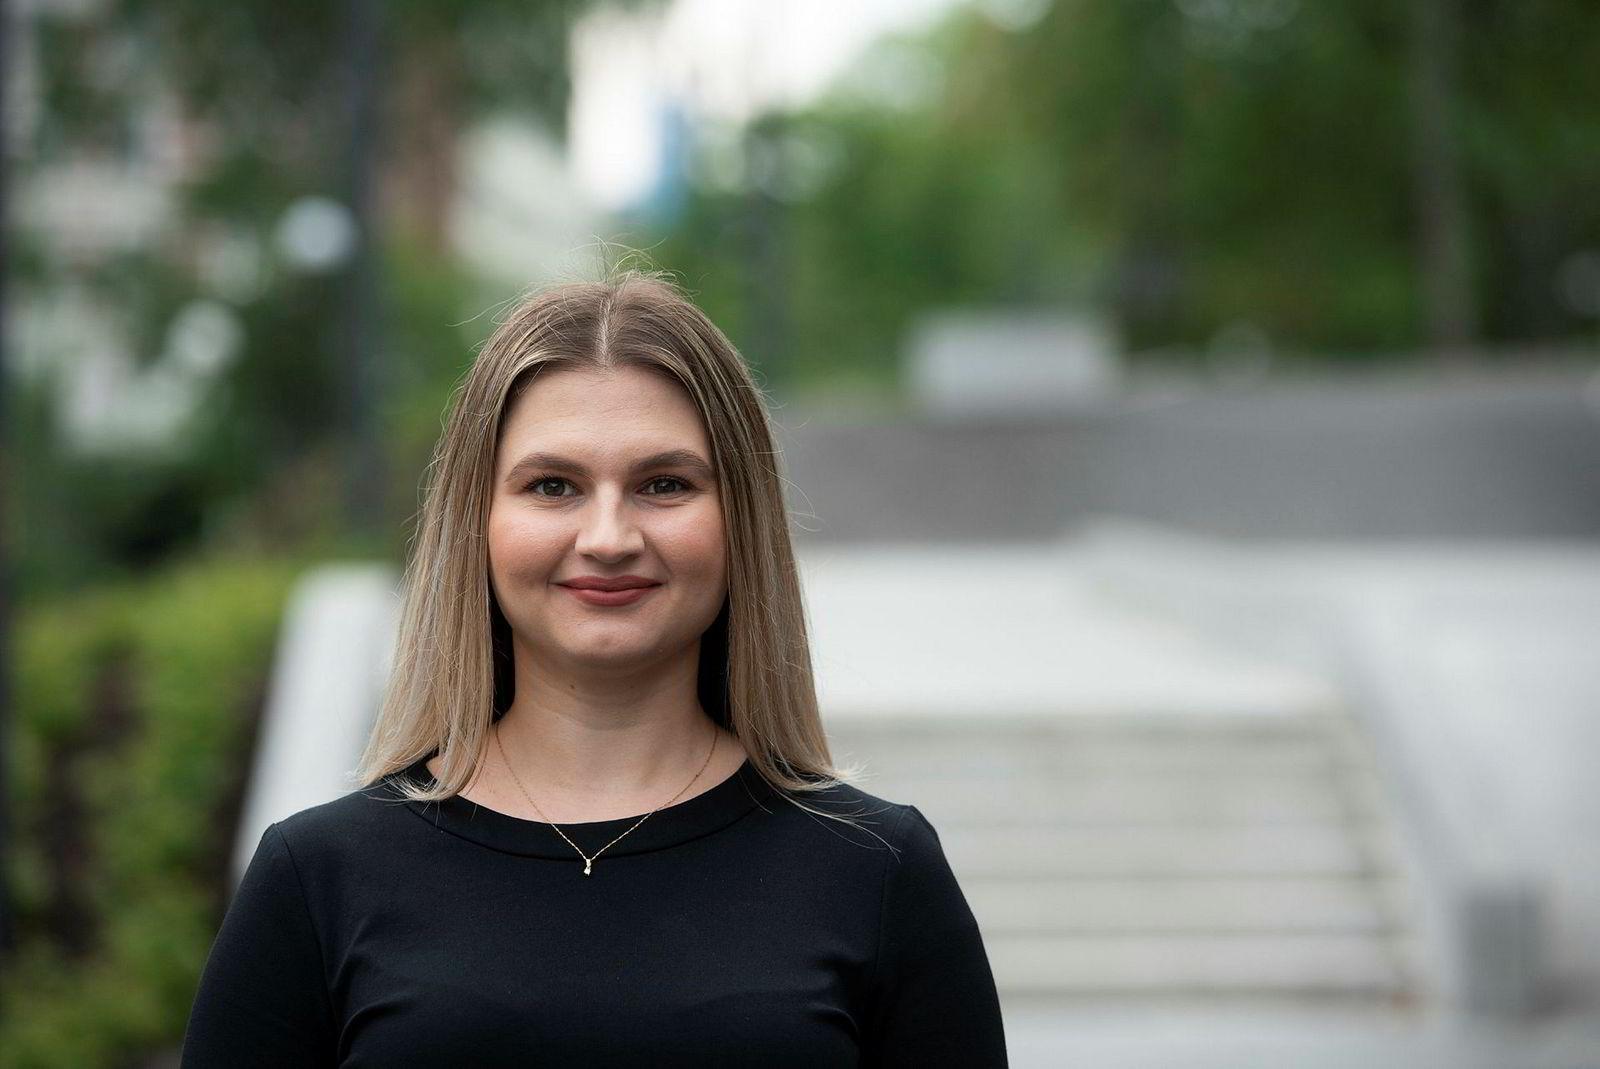 Alisa Mujanic gikk både på kurs for å lære å skrive søknader og fikk individuell karriereveiledning da hun var student.